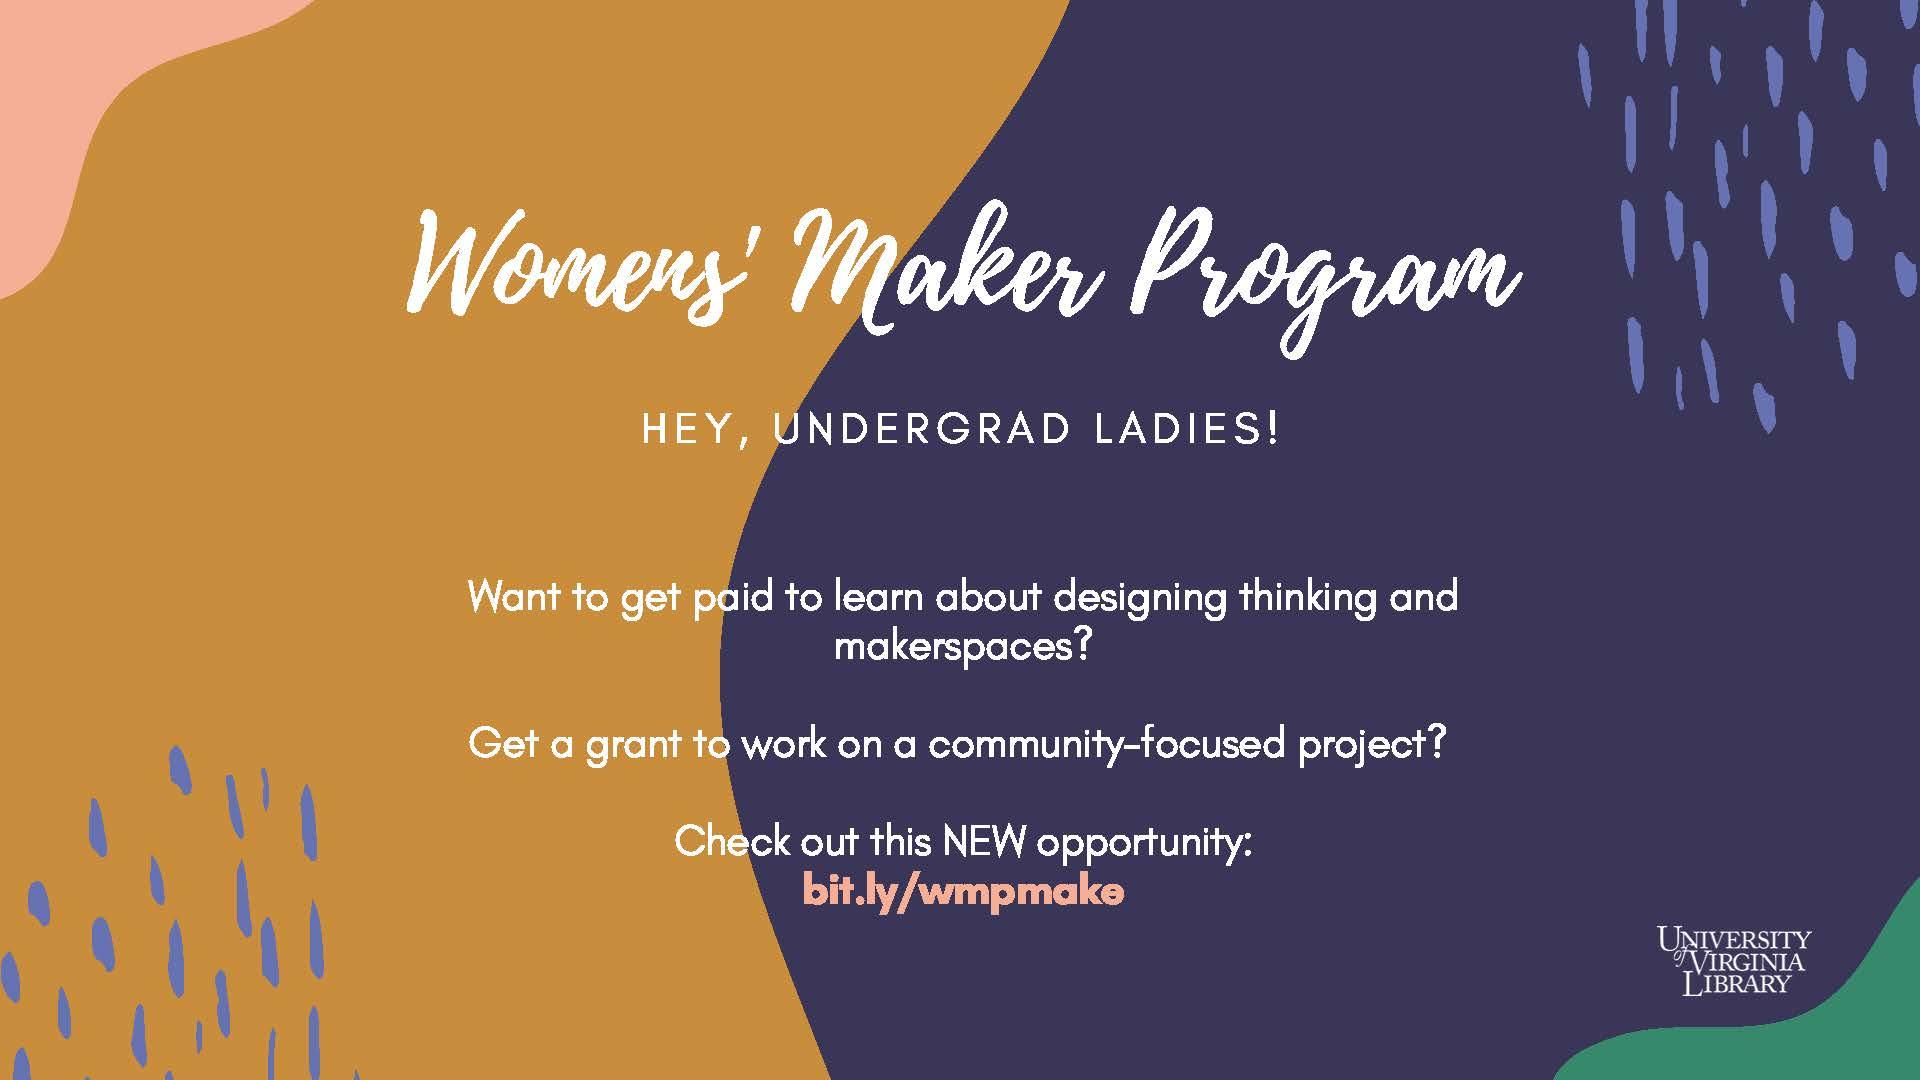 Women's Maker Program Information Session